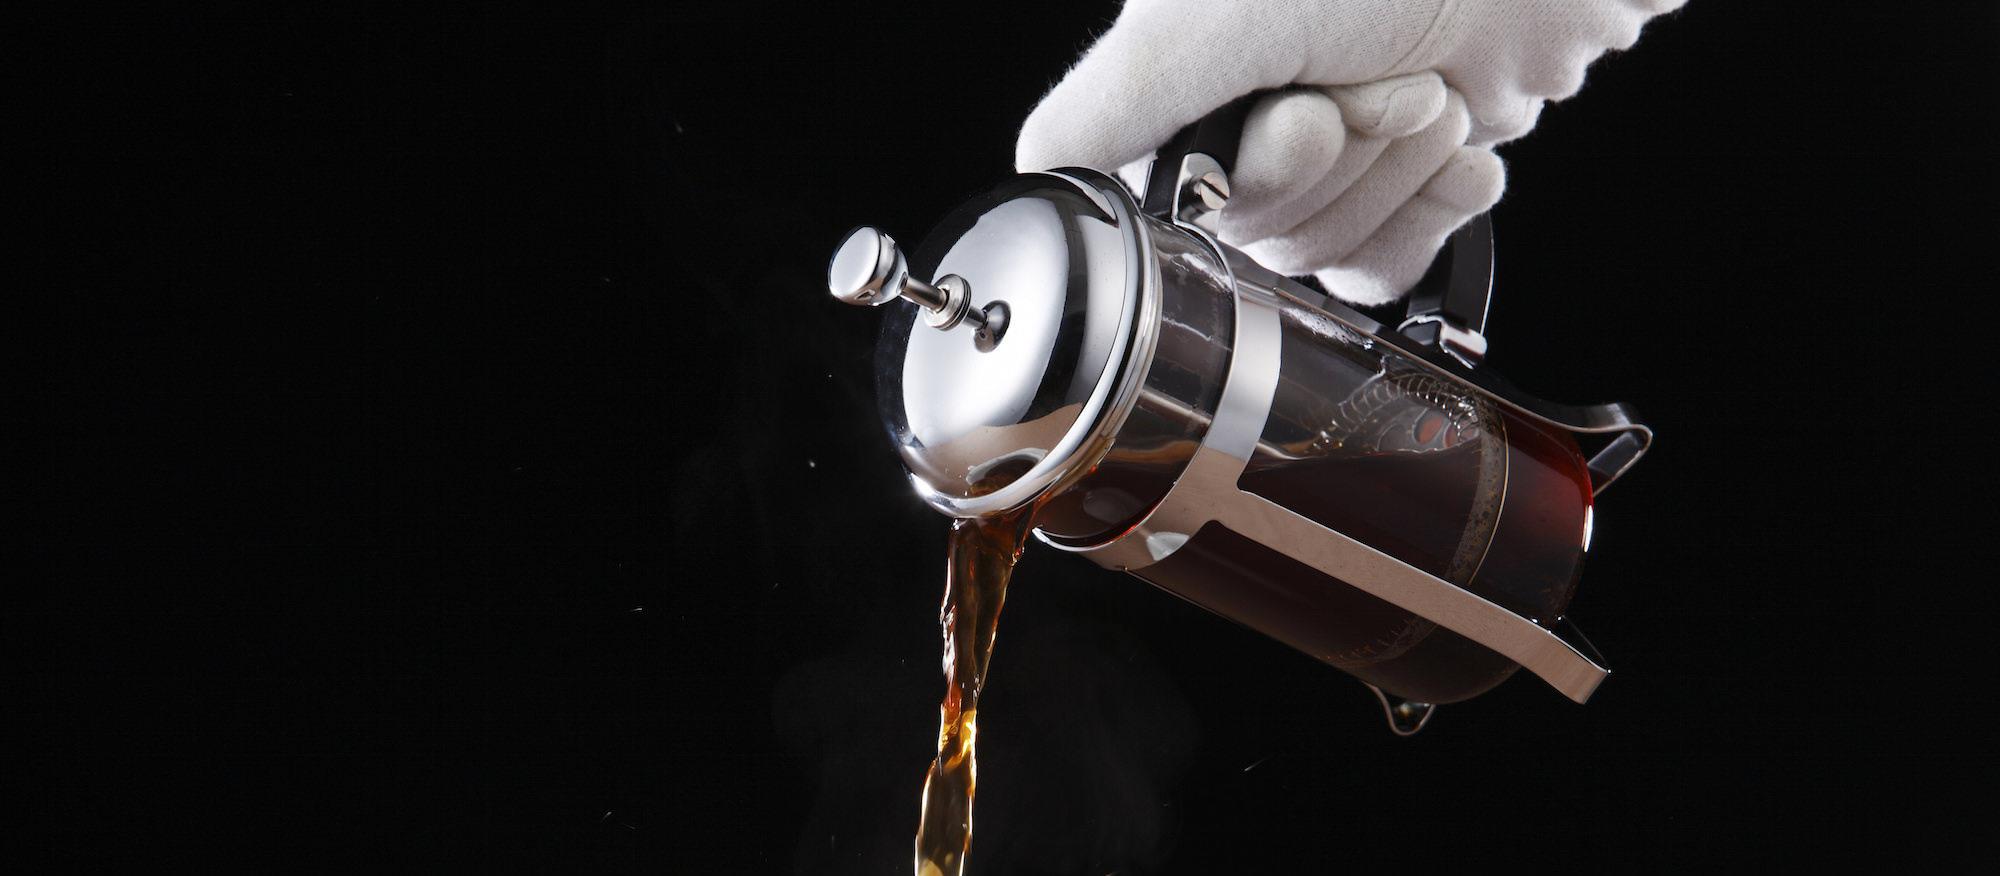 Gourmet Kaffee für exzellente Gäste